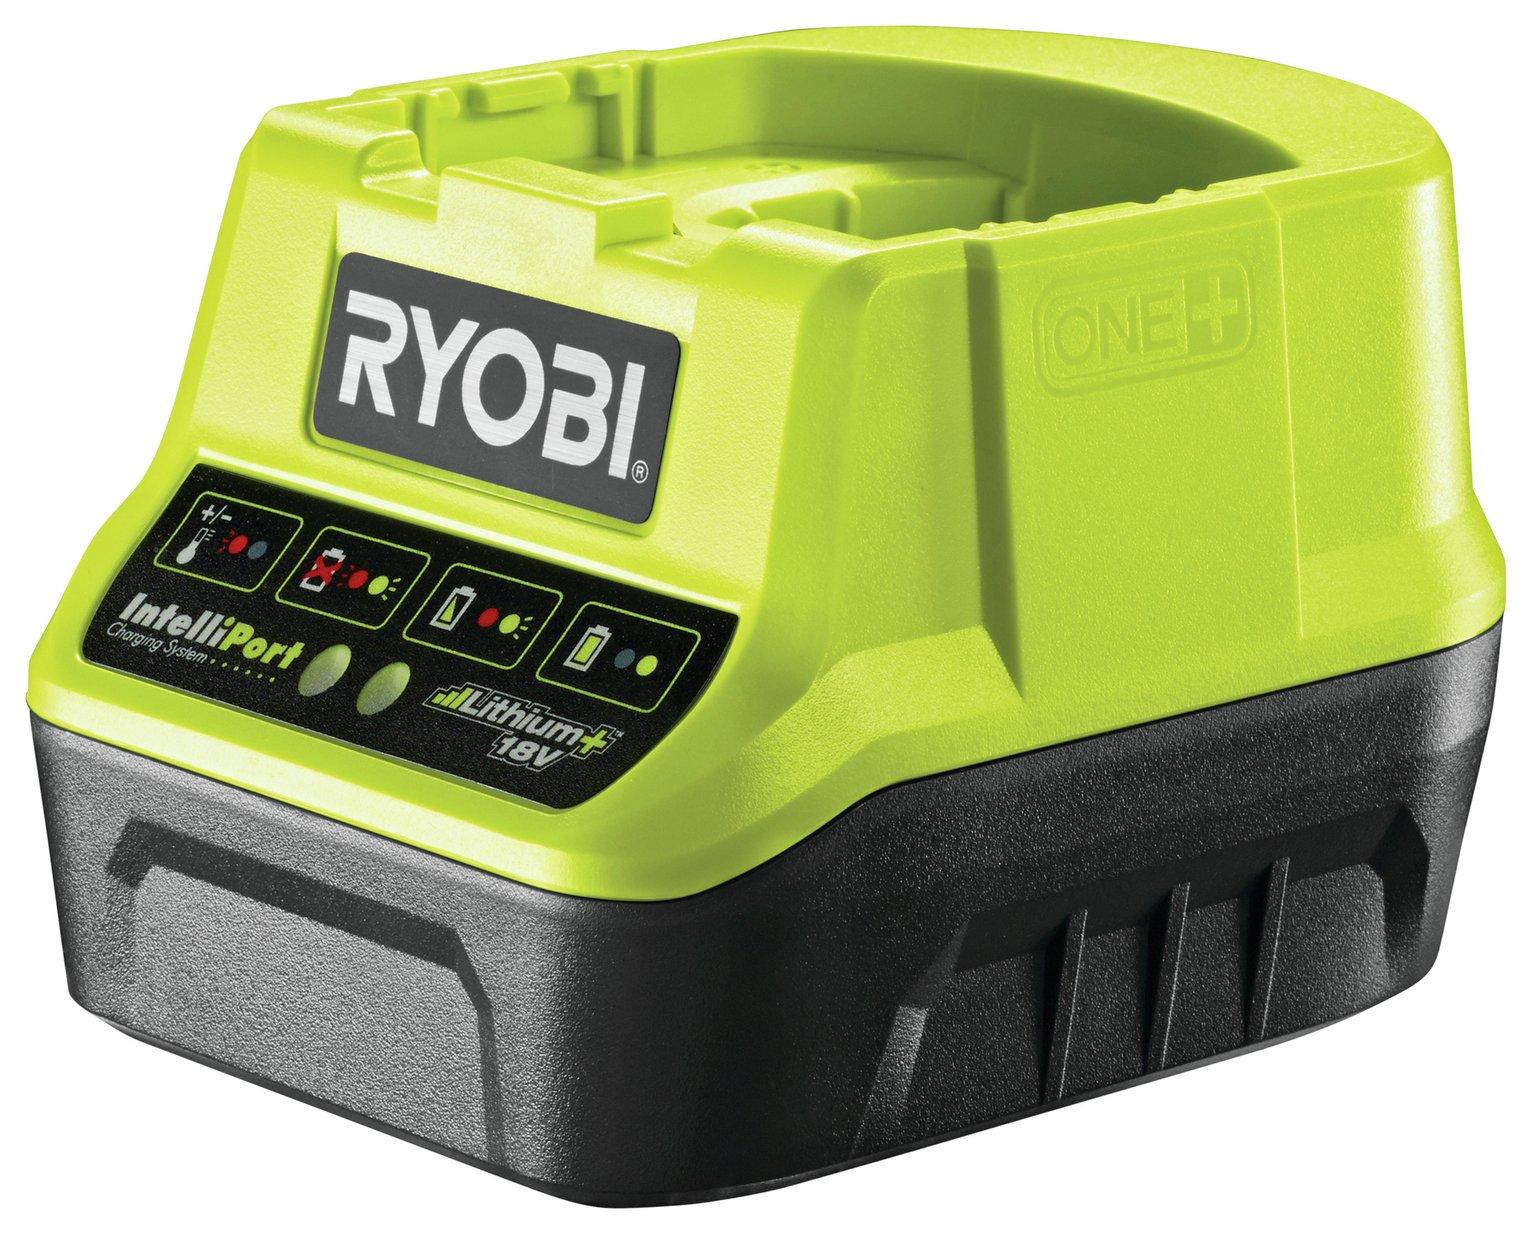 Ryobi RC18120 ONE+ Charger Bare Tool - 18V